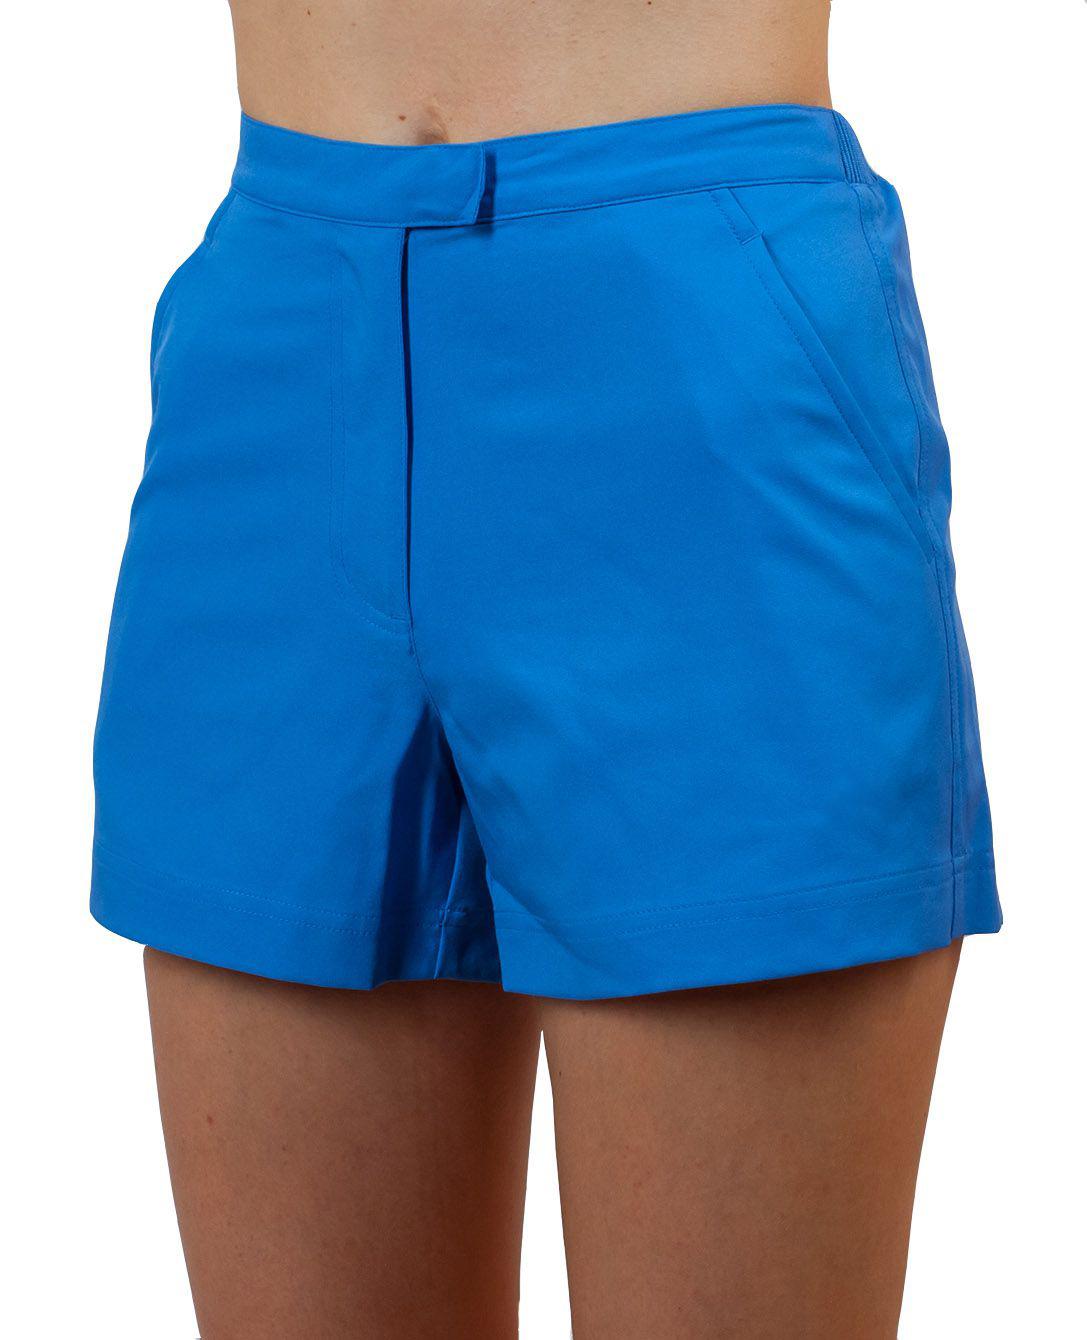 Женские шорты итальянского стиля